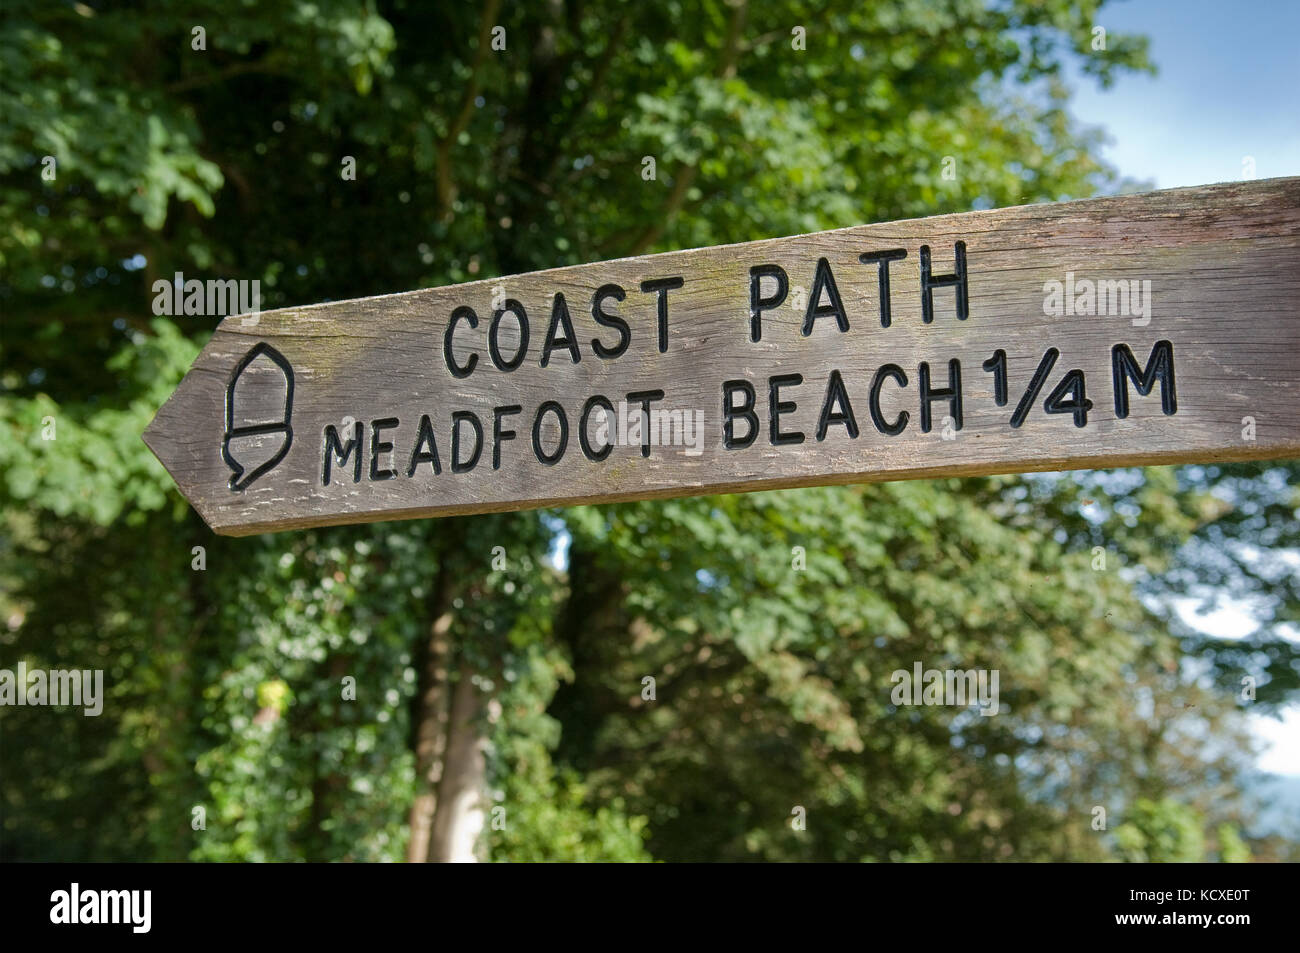 Holz- finger Post unterzeichnen Meadfoot Beach. Mit acorn Symbol der National Trail, und South West Coast Path. Stockbild